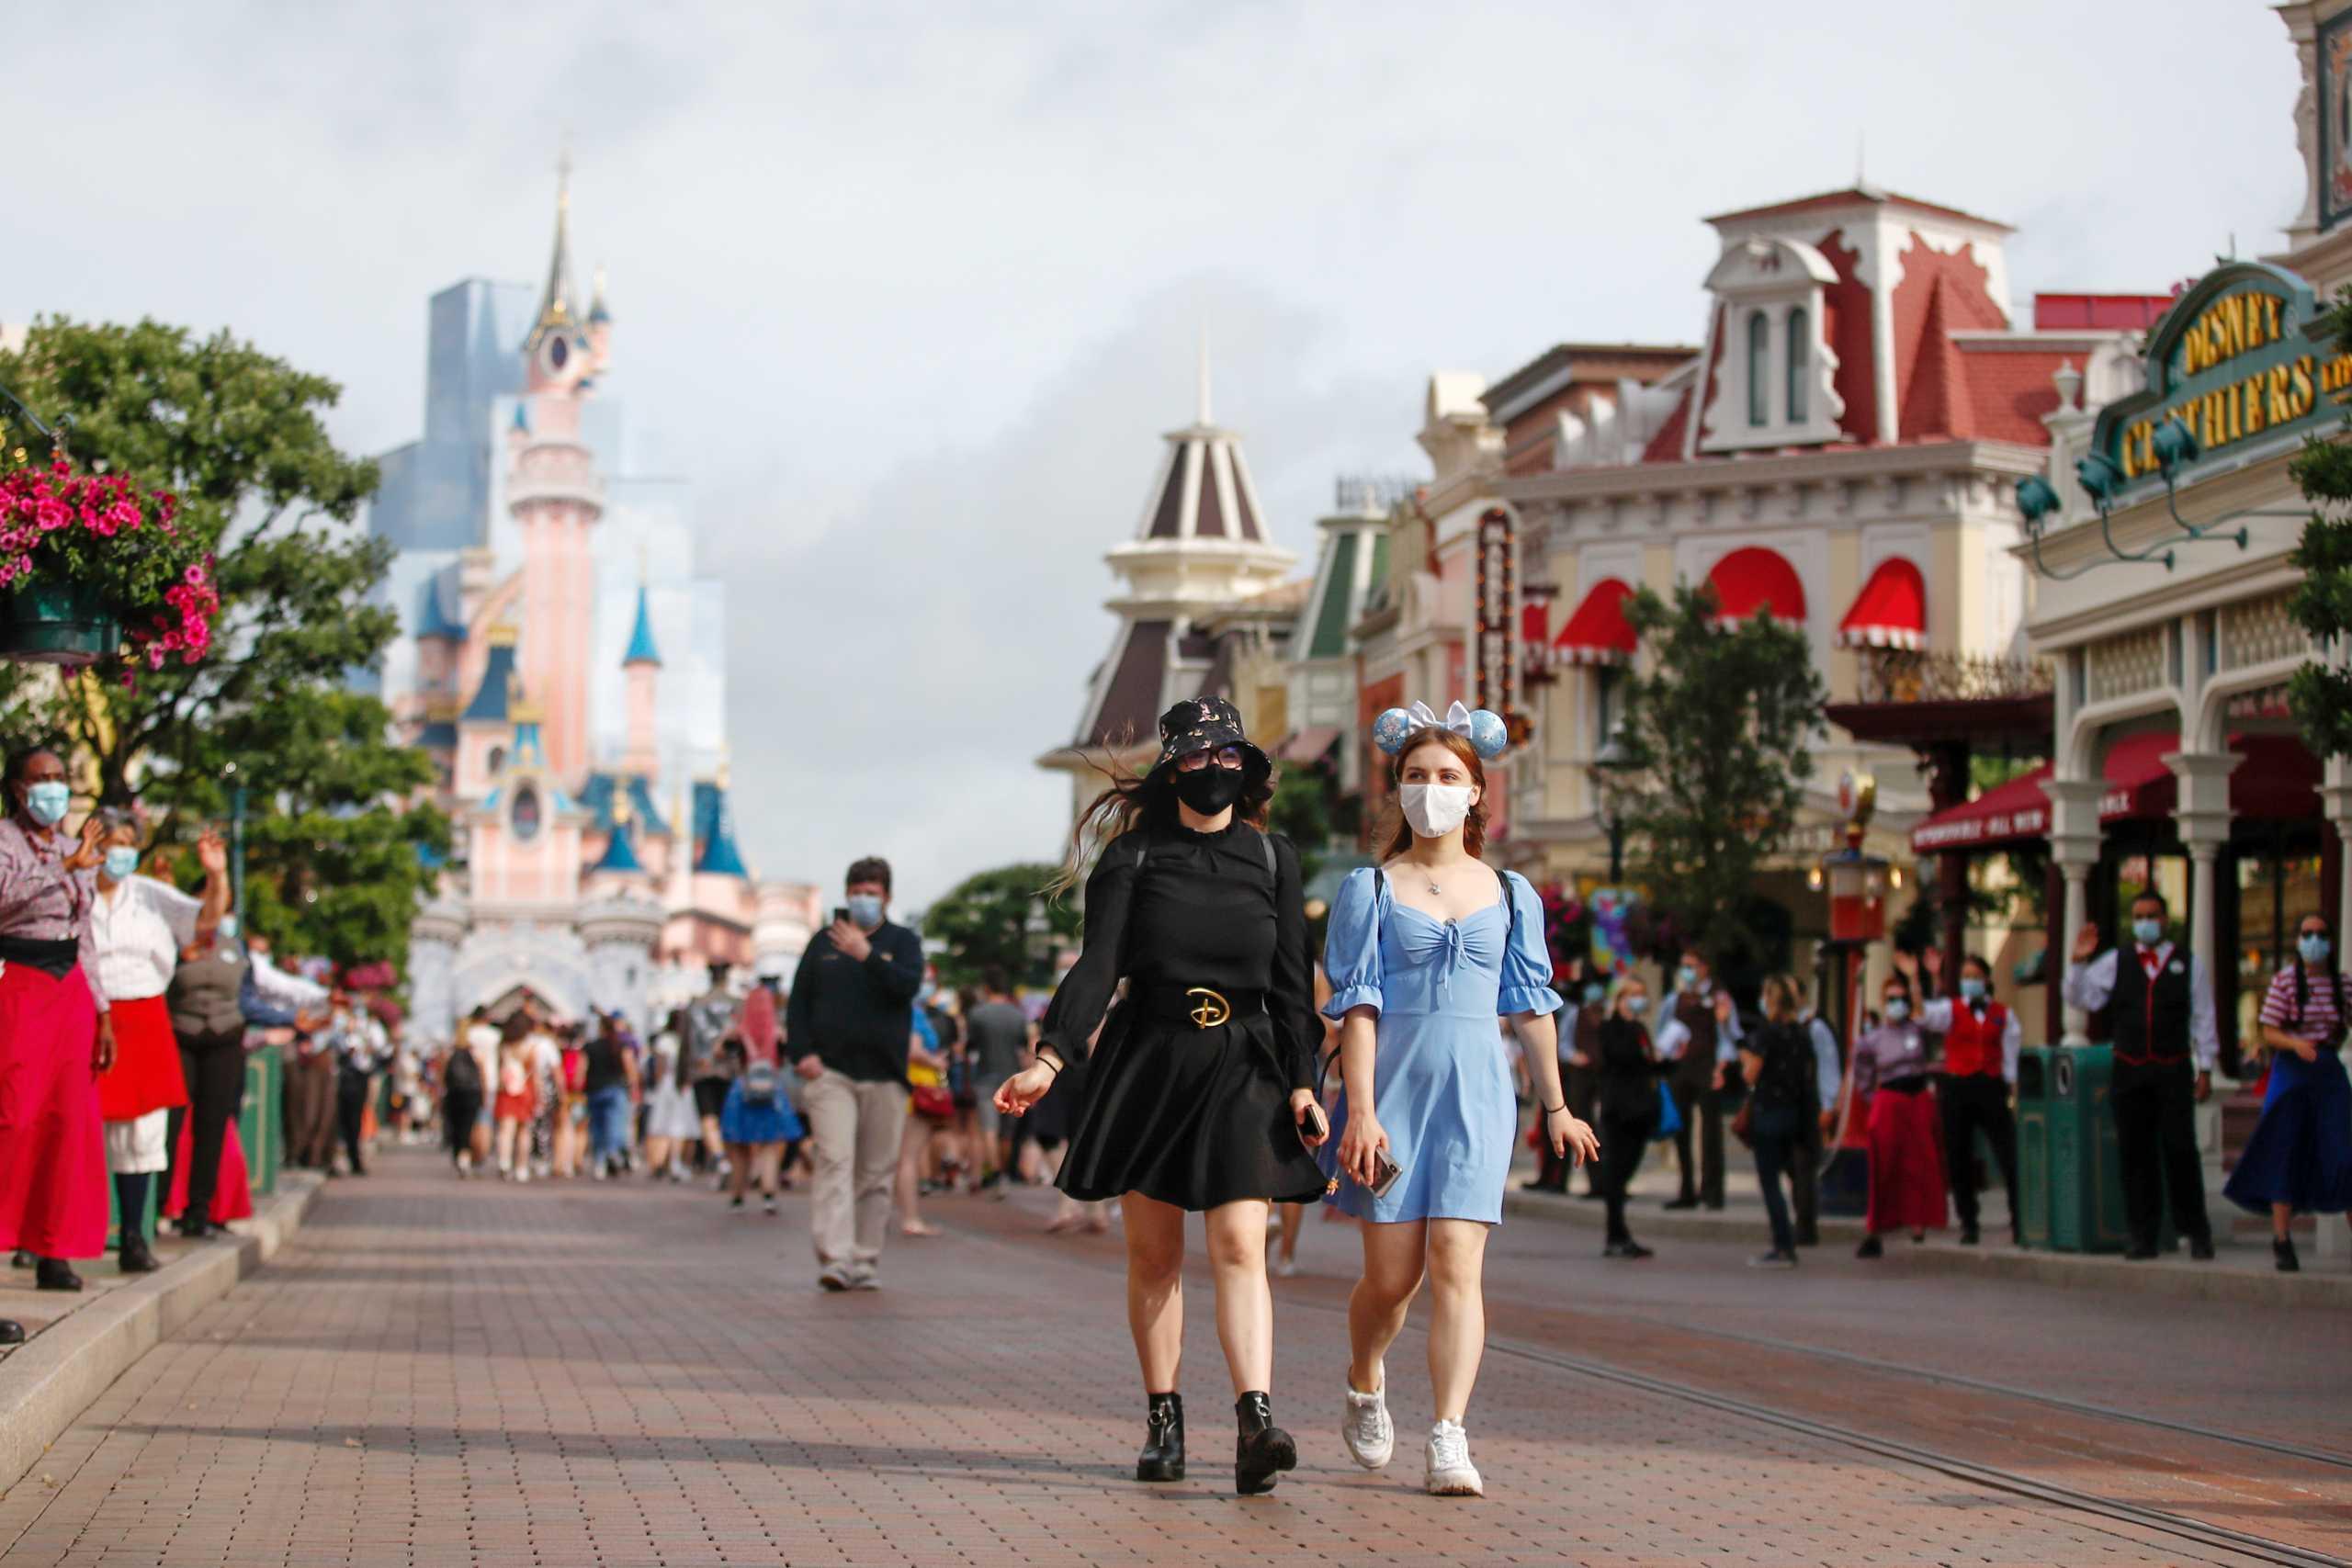 Άνοιξε ξανά η Disneyland στο Παρίσι